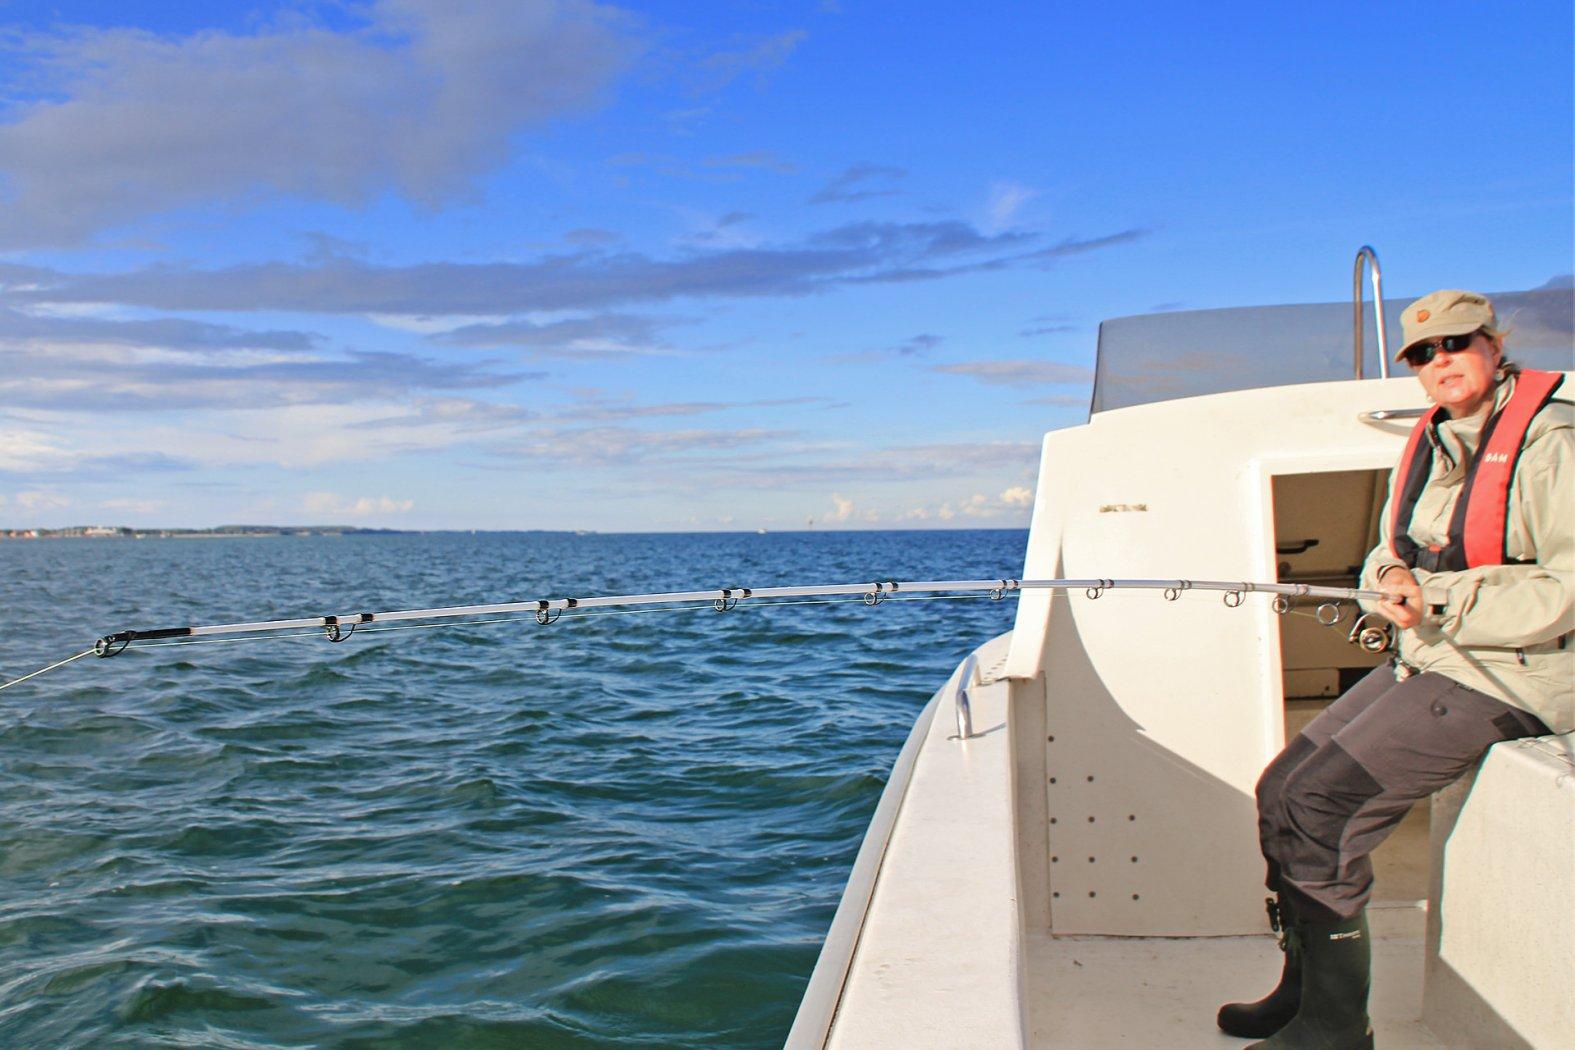 bootsangeln auf plattfisch mit buttlöffel